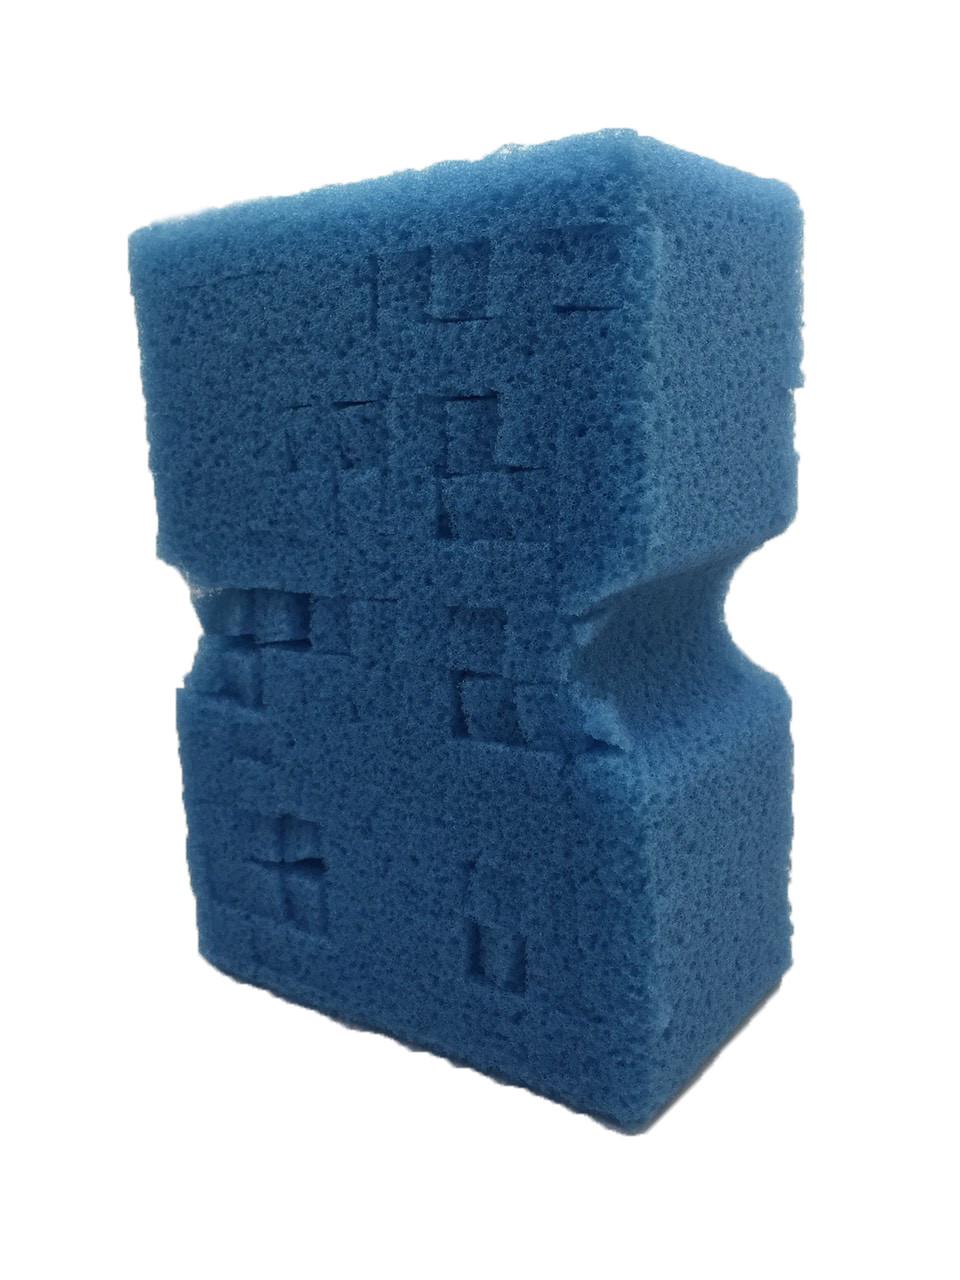 Пористая поролоновая губка для пенных шампуней - Lake Country Big Blue Wash Sponge 76×127×178 мм (99-BIG BLUE)